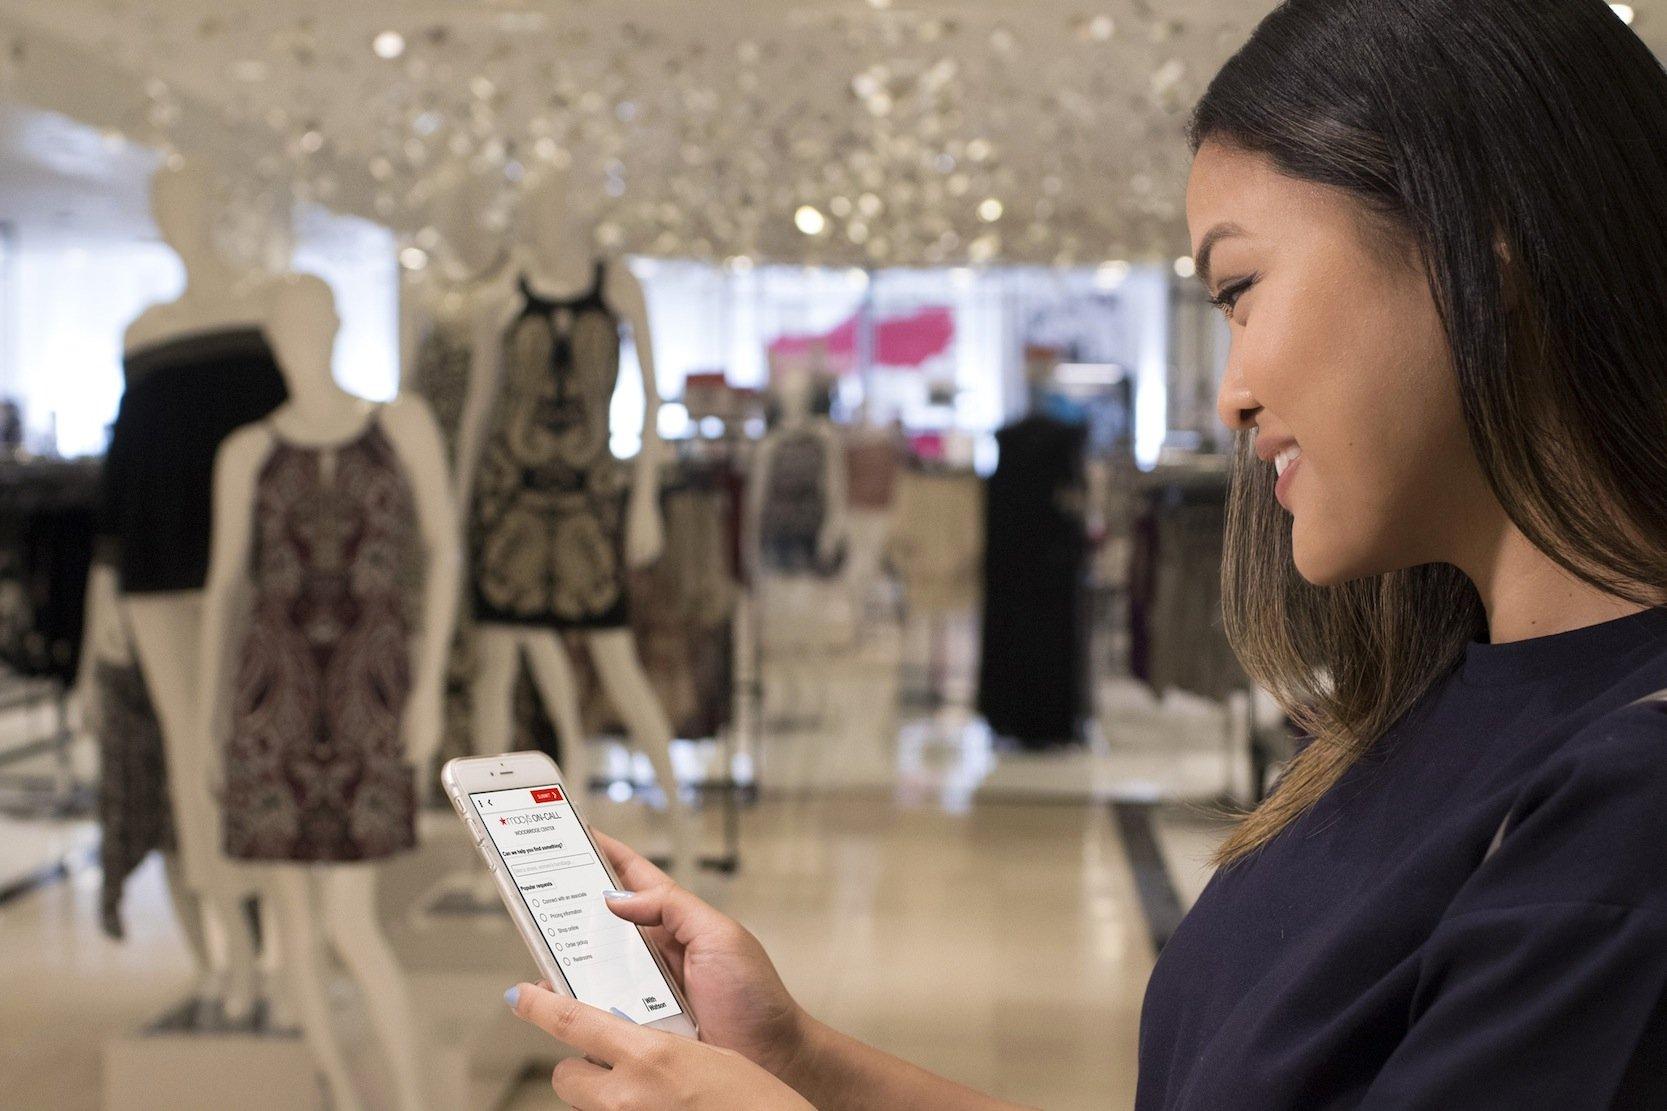 Per IBM-App können Kunden bei Macy's in jeder Sprache Fragen an das Unternehmen schicken. Bei solchen Diensten weiß der Kunden, dass er Funktionen freischaltet und Informationen hinterlässt. Bei Ultraschall-Übertragungen weiß der Kunden vom Datenaustausch nichts.